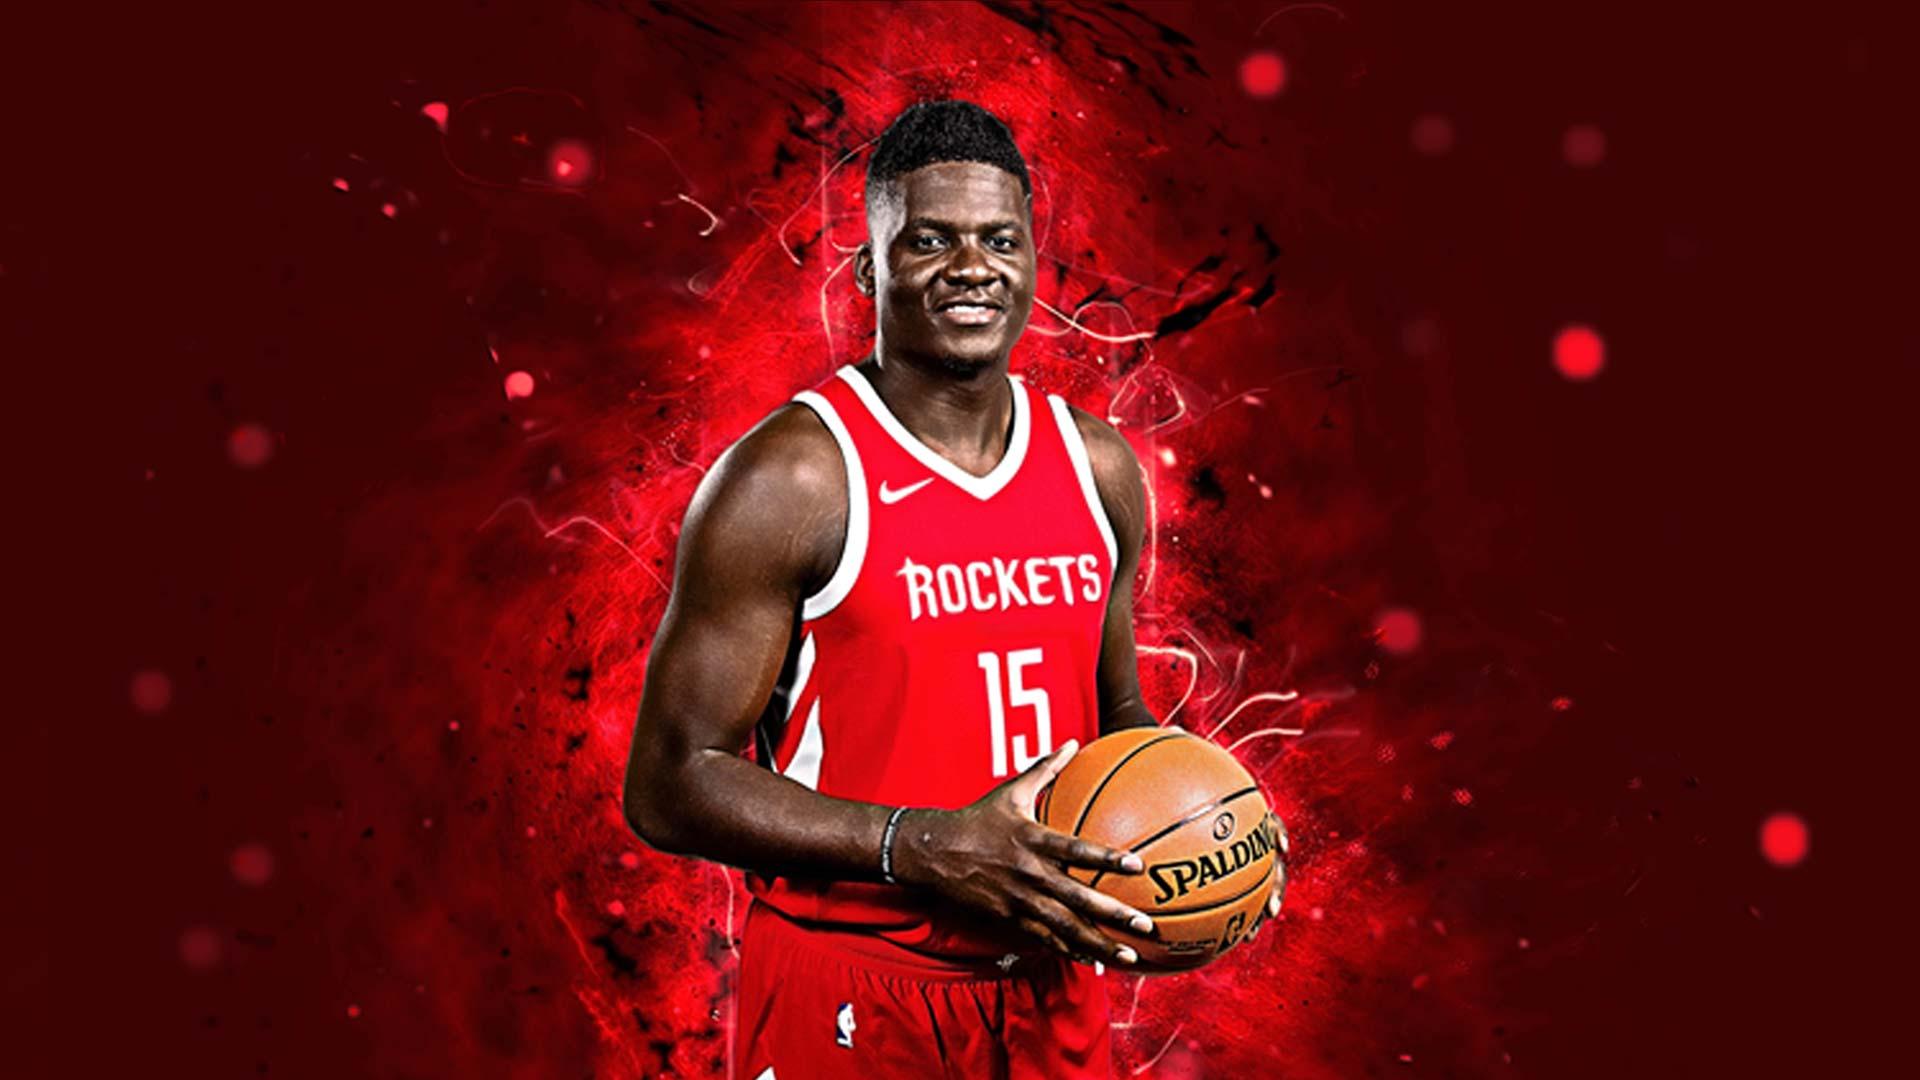 Pour Noël, Baskethouse en collaboration avec Clint Capela et Nike met en vente le maillot de Clint Capela Houston rouge NBA.